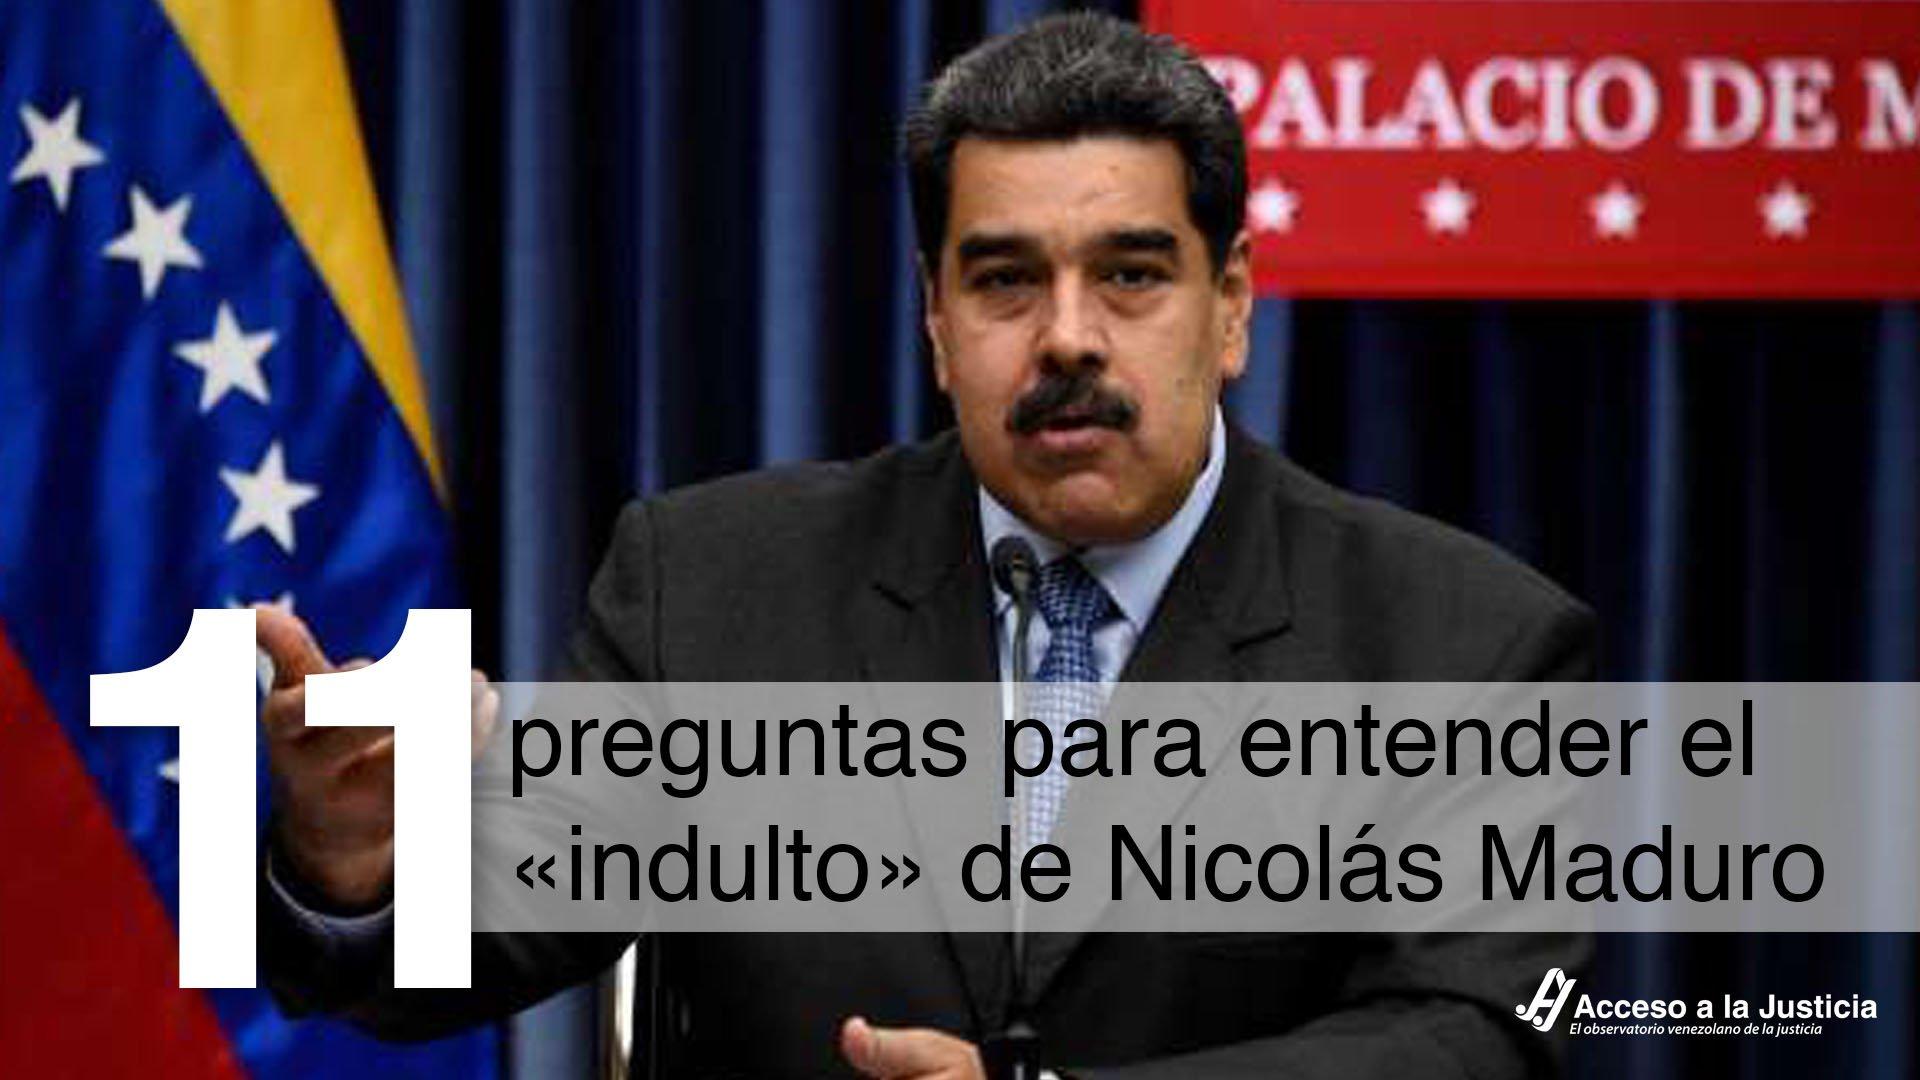 11 preguntas para entender el «indulto» de Nicolás Maduro